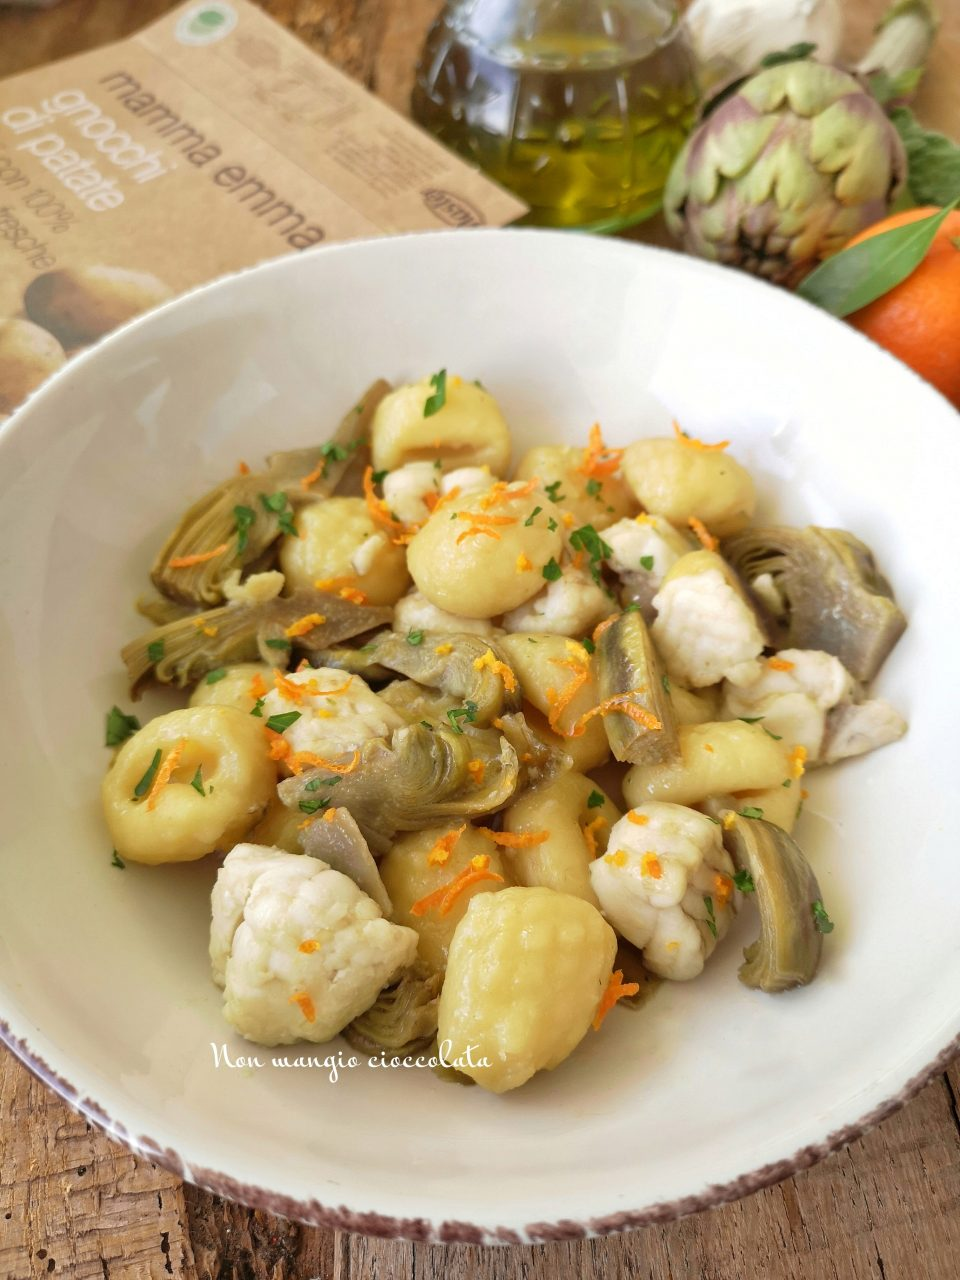 Gnocchi di patate con carciofi e rana pescatrice al profumo di mandarino